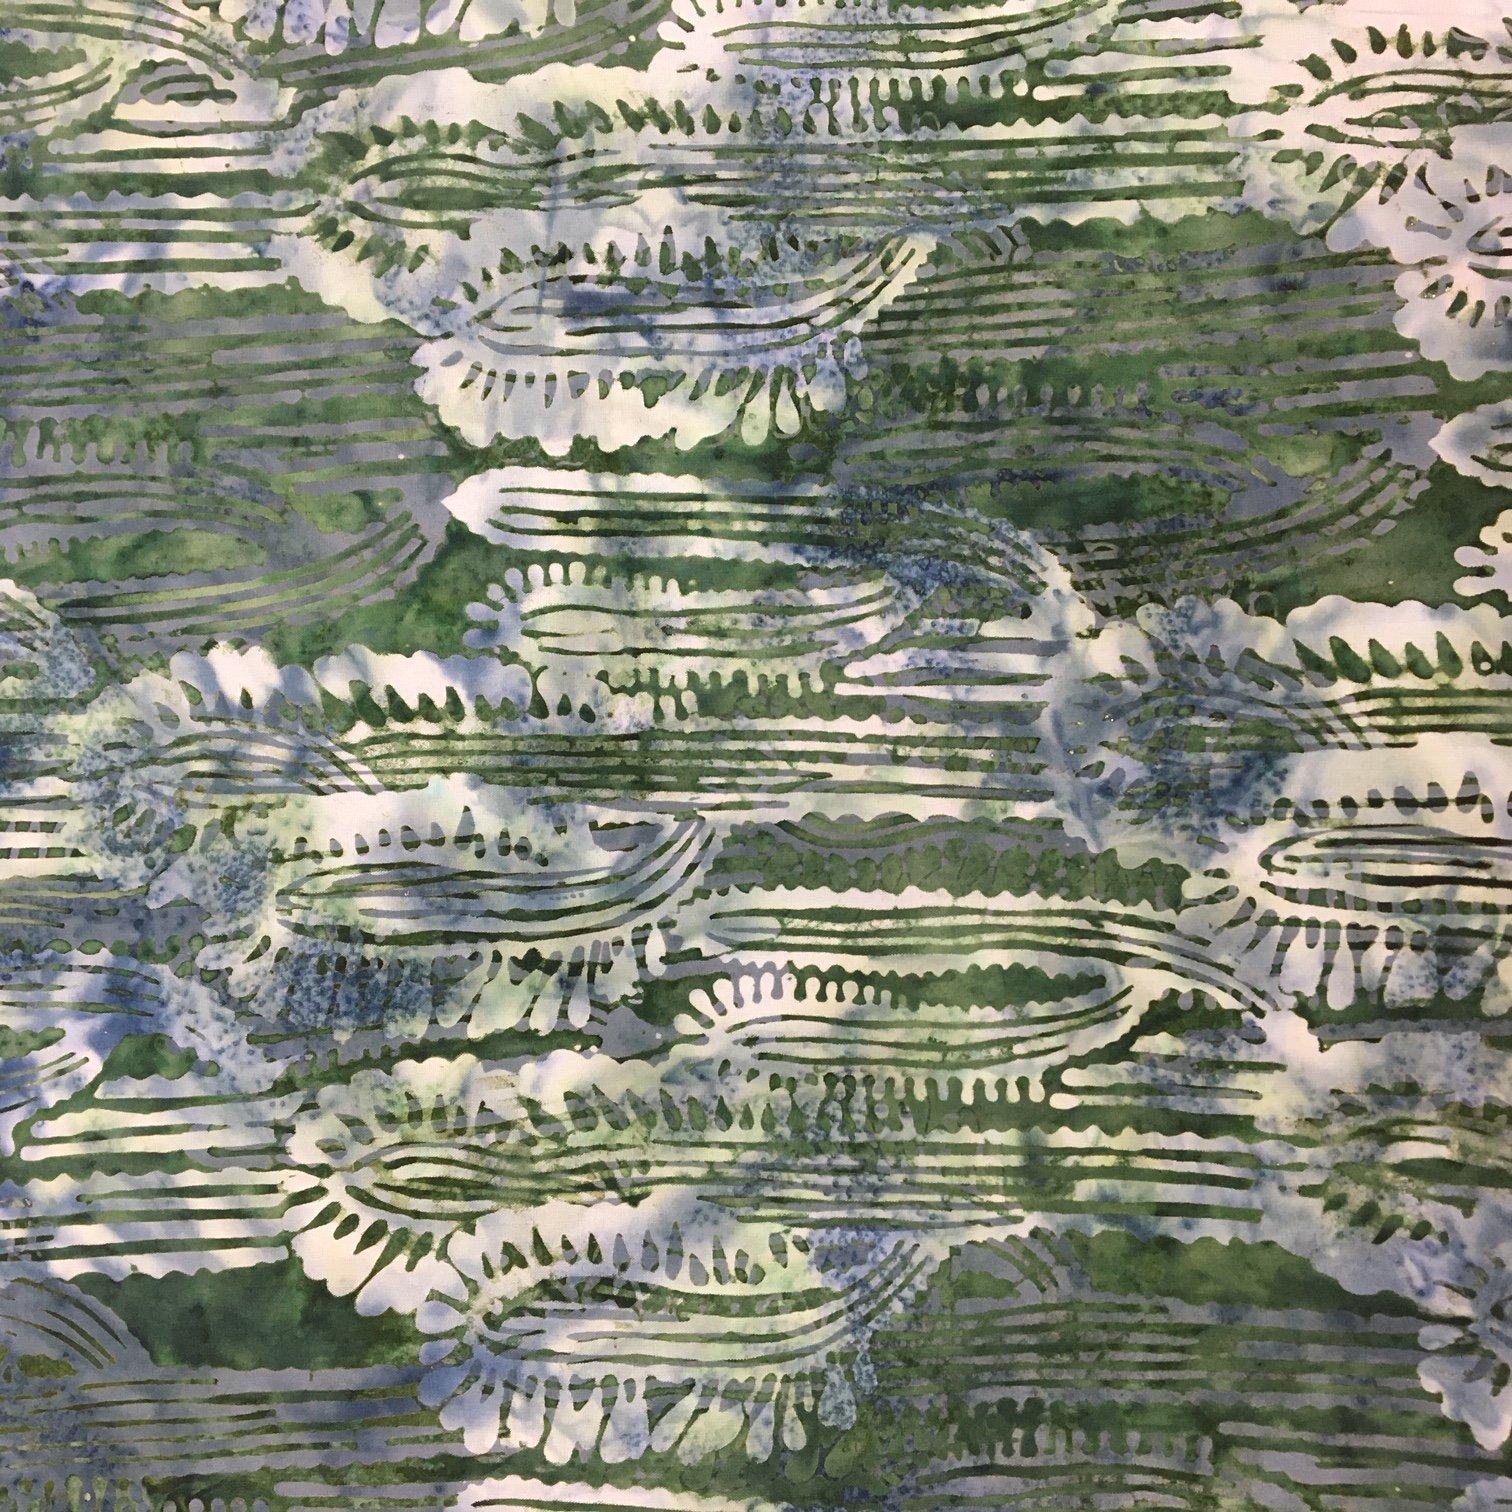 Desertscape - Emerald Cactus